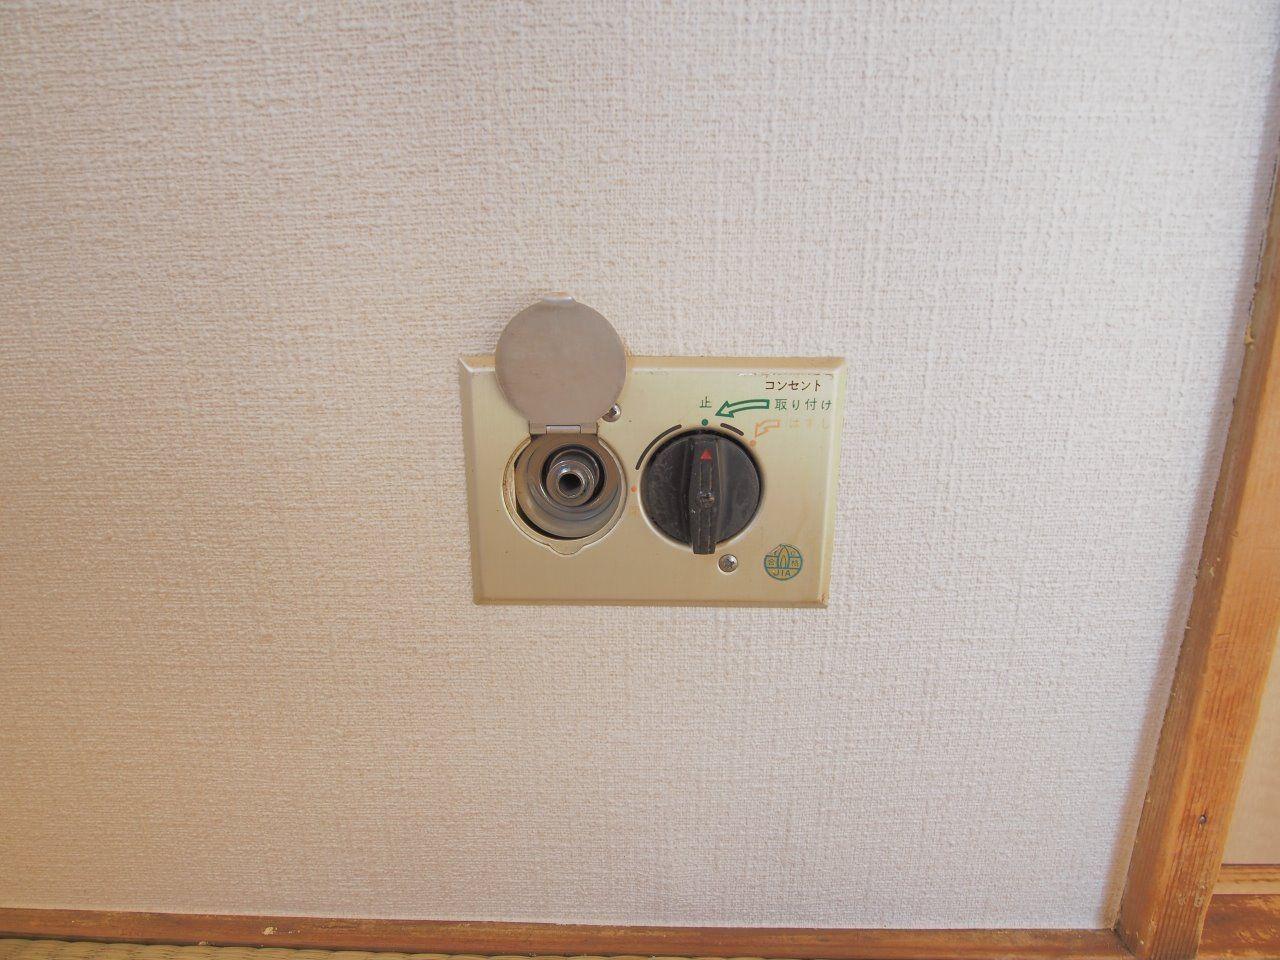 居室内でガスストーブが使えます。